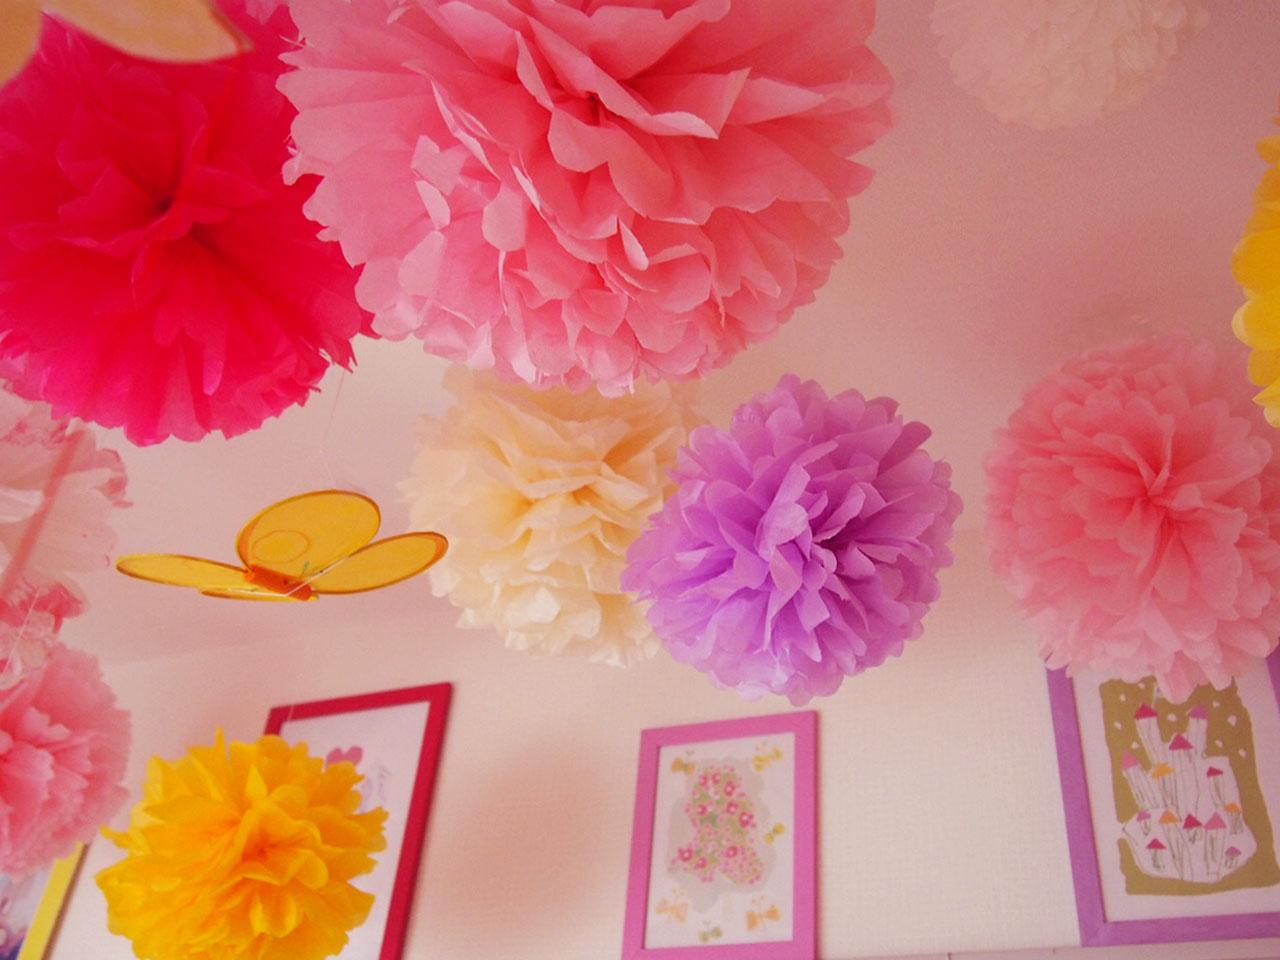 お花紙で広げる夢世界!誰でも簡単にできるフラワーポンポンの作り方のサムネイル画像